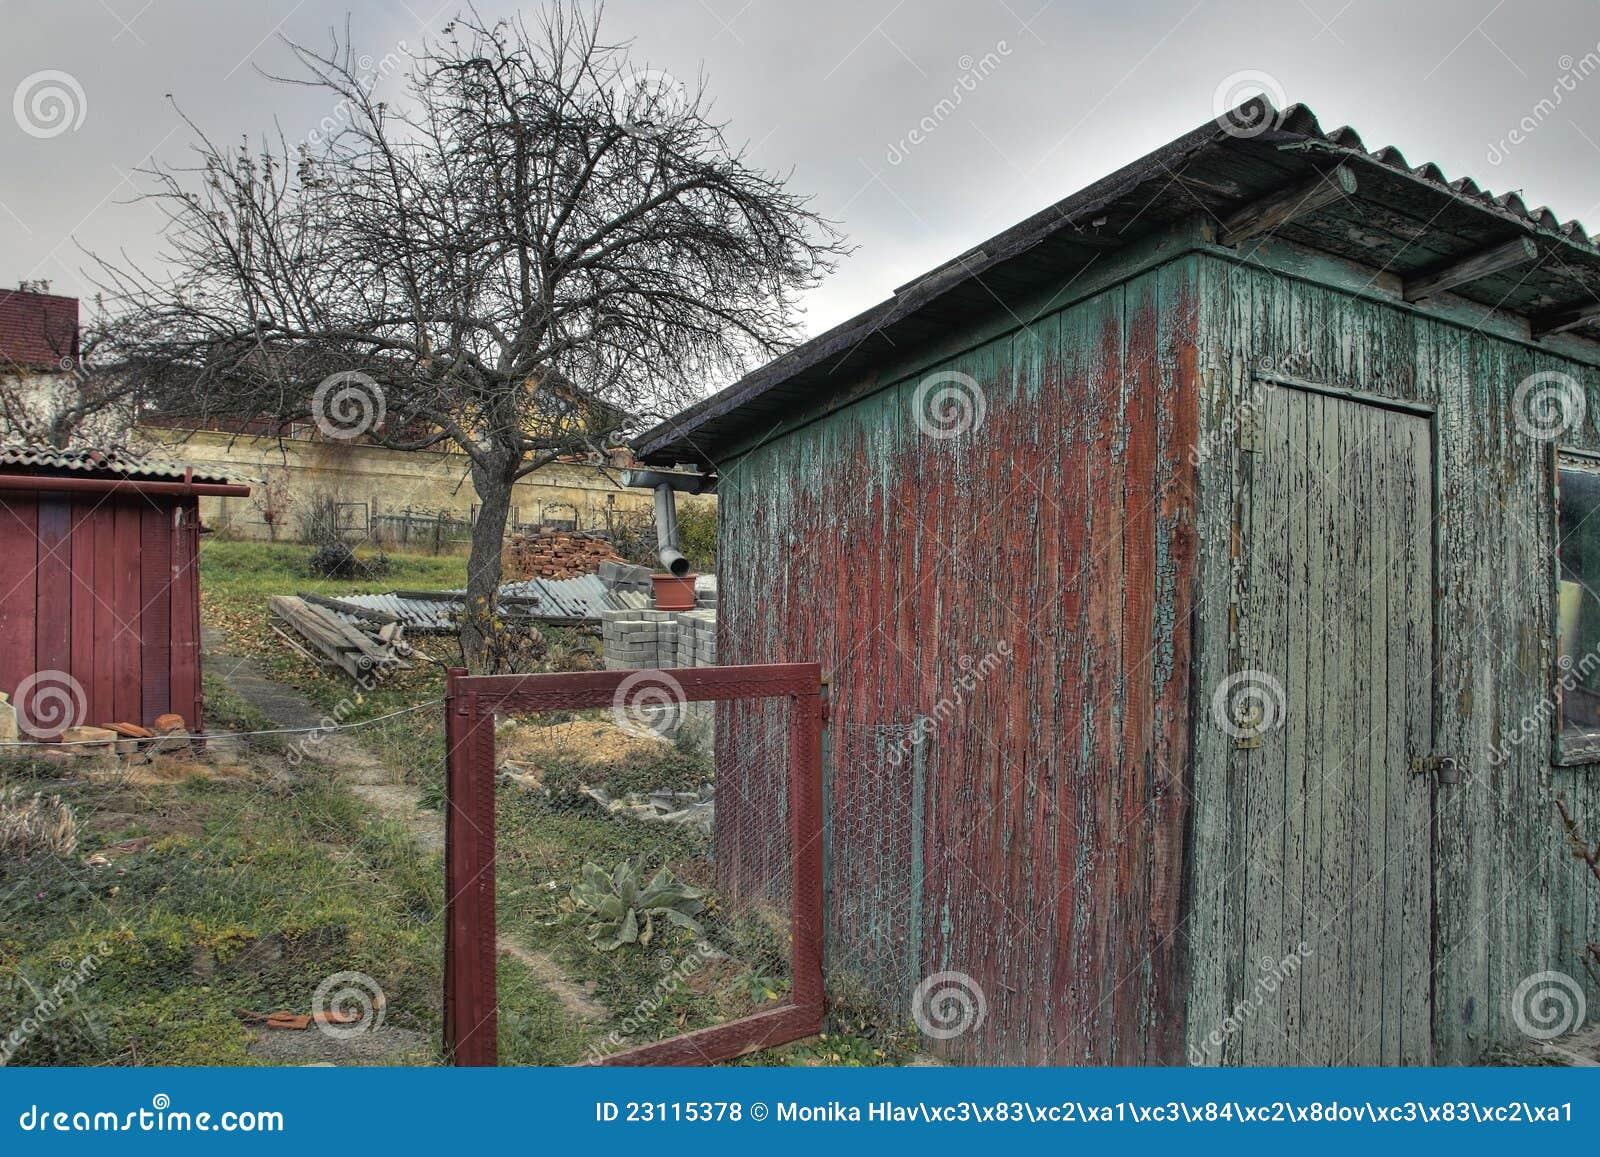 vieille cabane dans le jardin photos libres de droits image 23115378. Black Bedroom Furniture Sets. Home Design Ideas